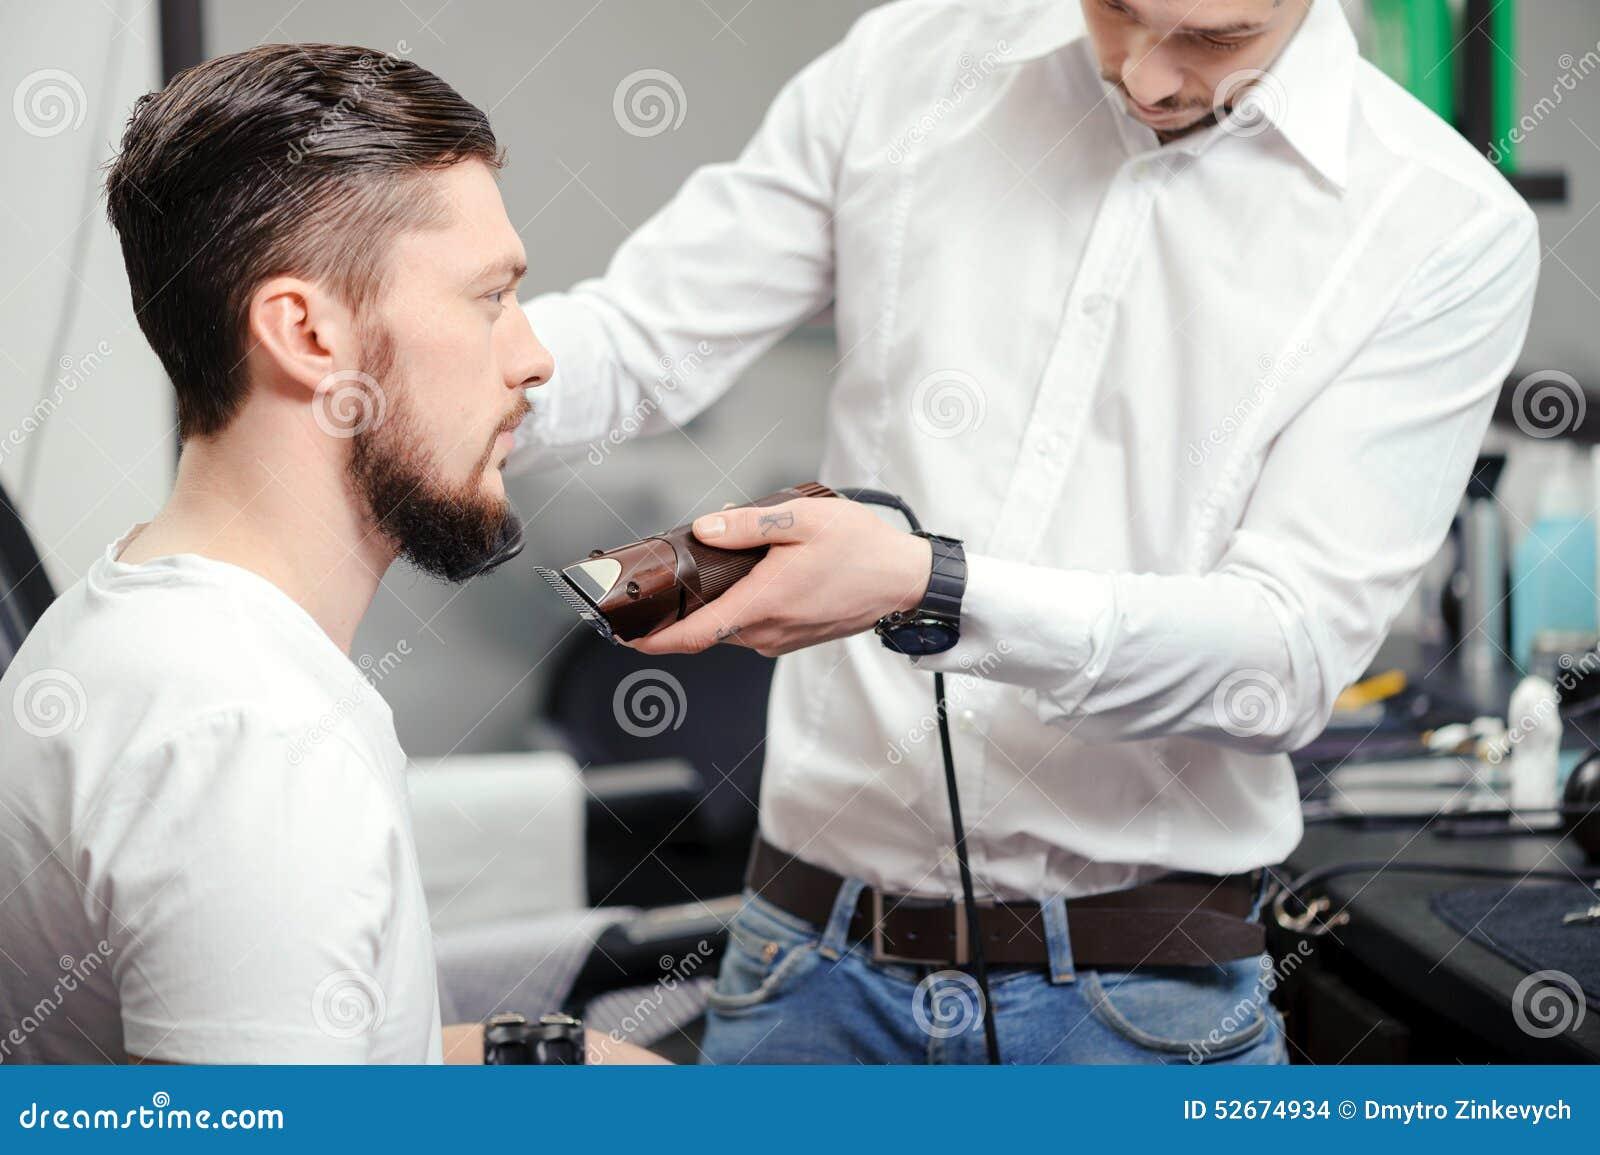 Mann rasiert seinen Bart mit einem Haarscherer